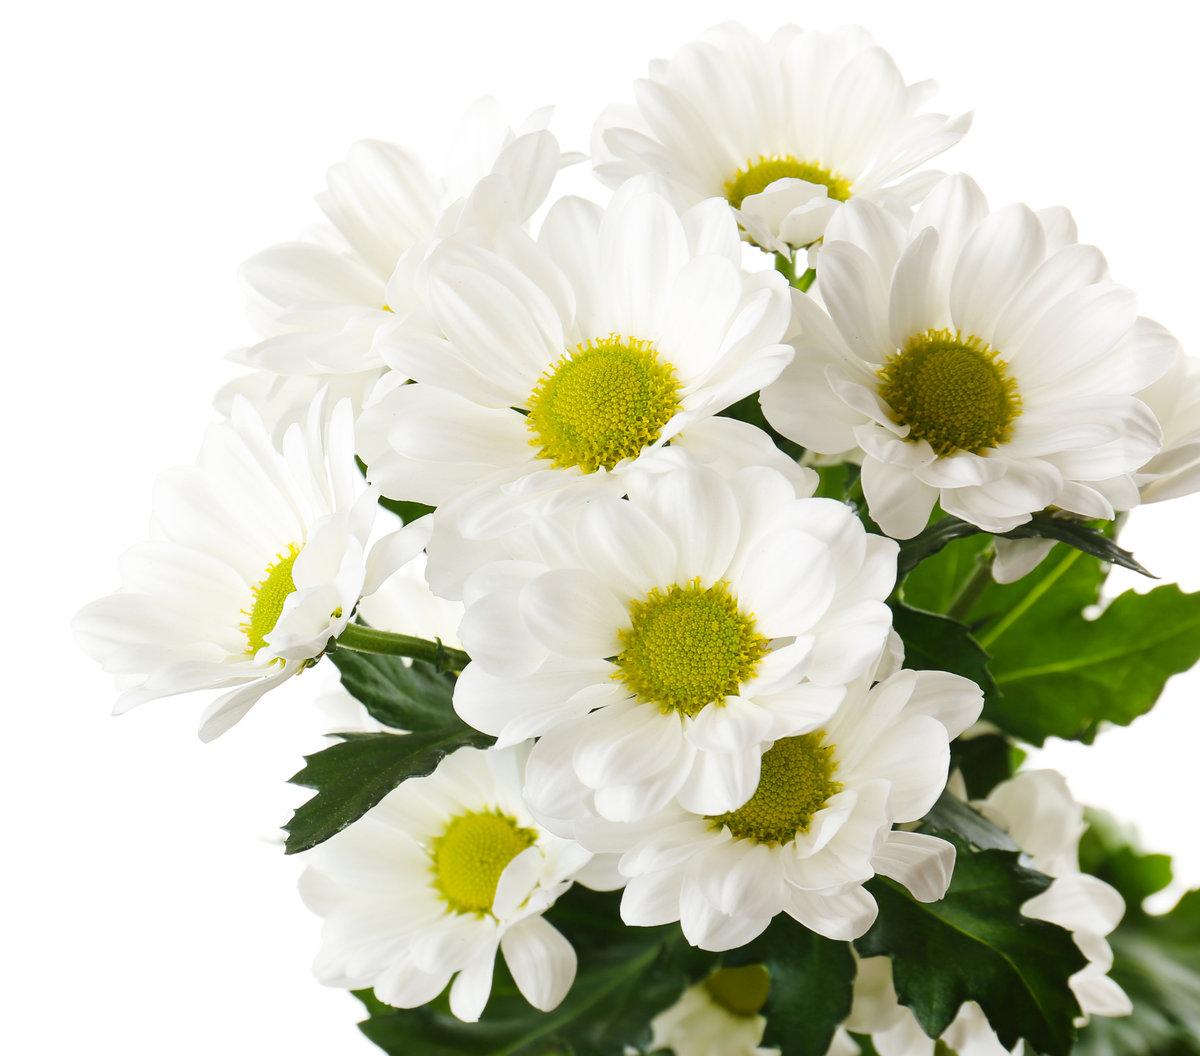 Хризантемы на белом фоне картинки красивые